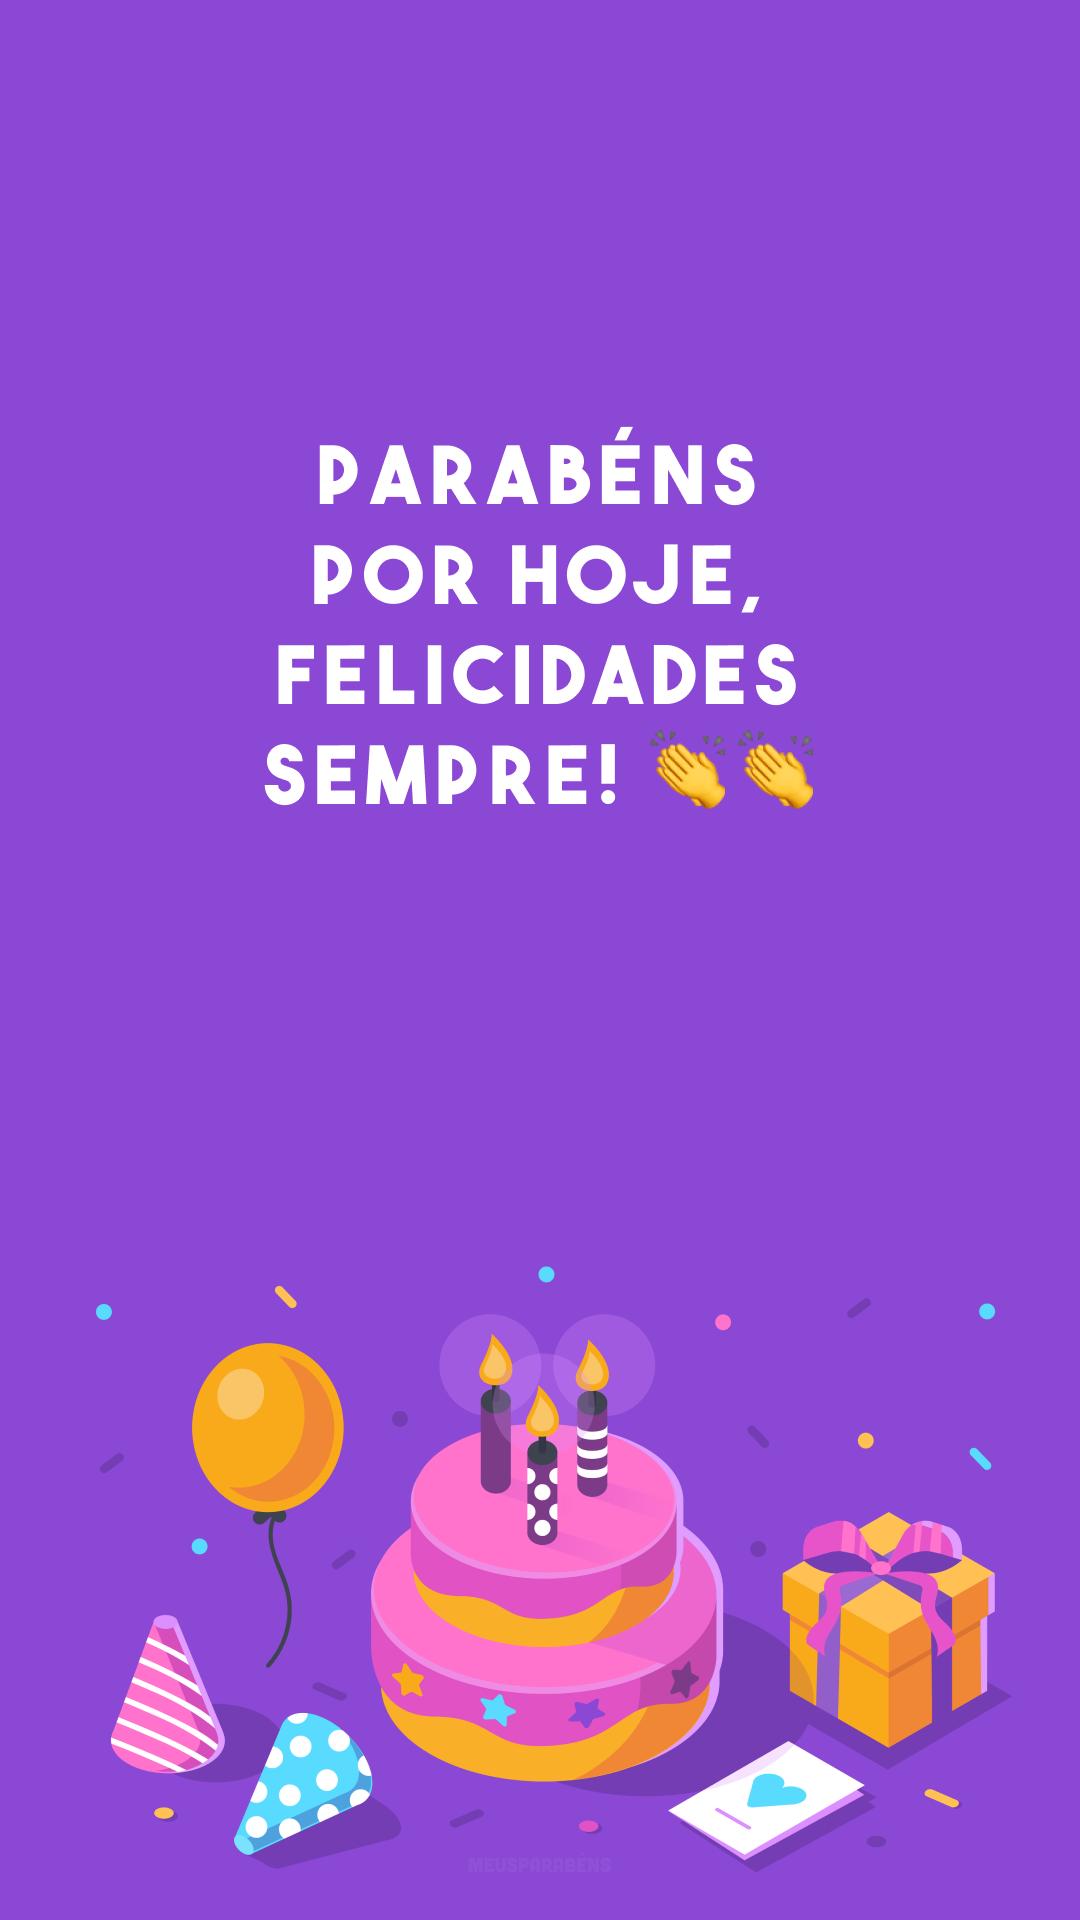 Parabéns por hoje, felicidades sempre! 👏👏<br />